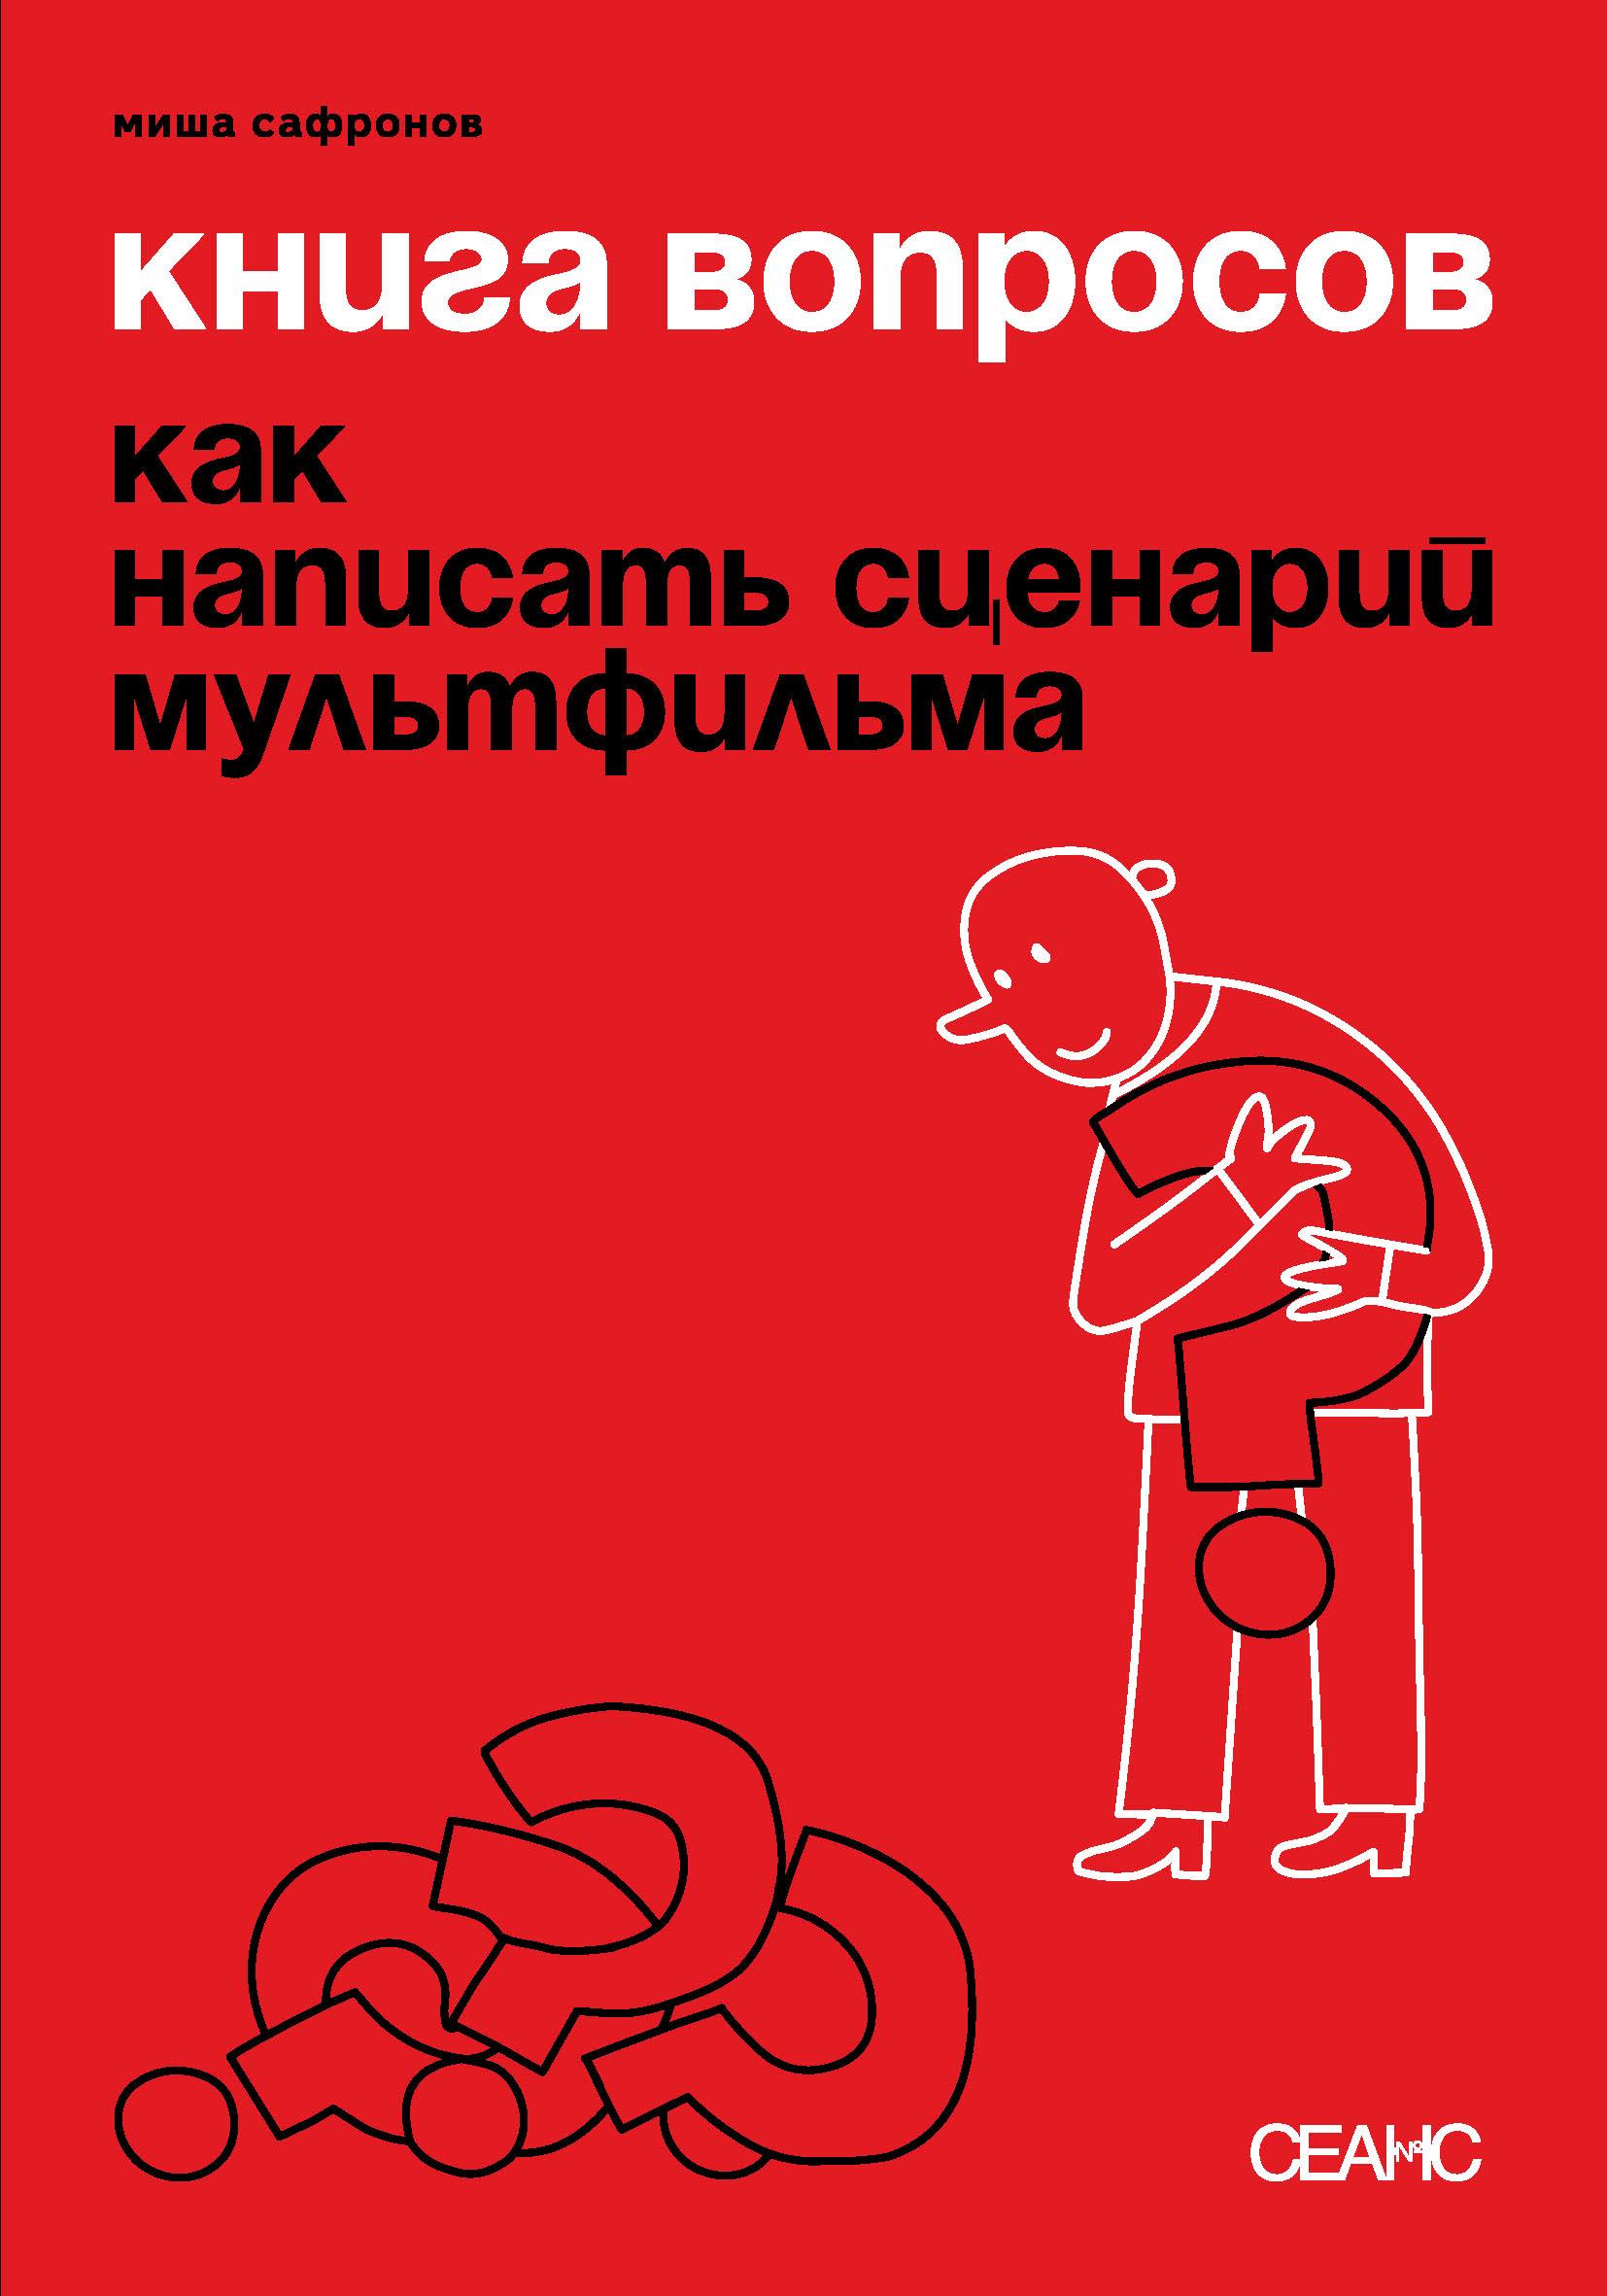 Миша Сафронов Книга вопросов. Как написать сценарий мультфильма (с иллюстрациями)